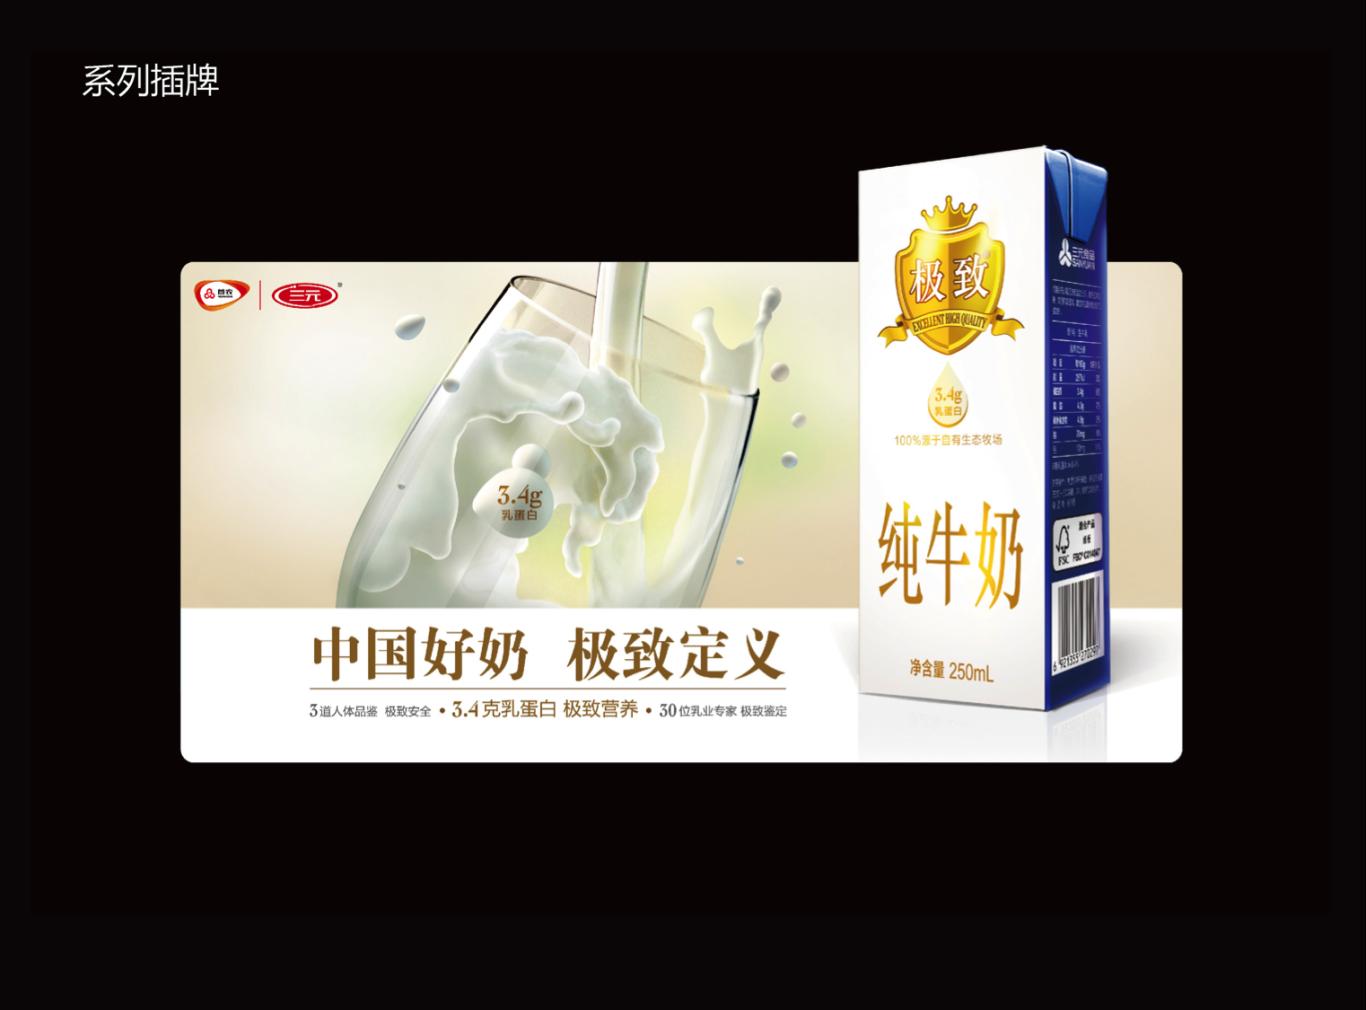 三元乳业 极致纯牛奶 包装设计 物料设计图6